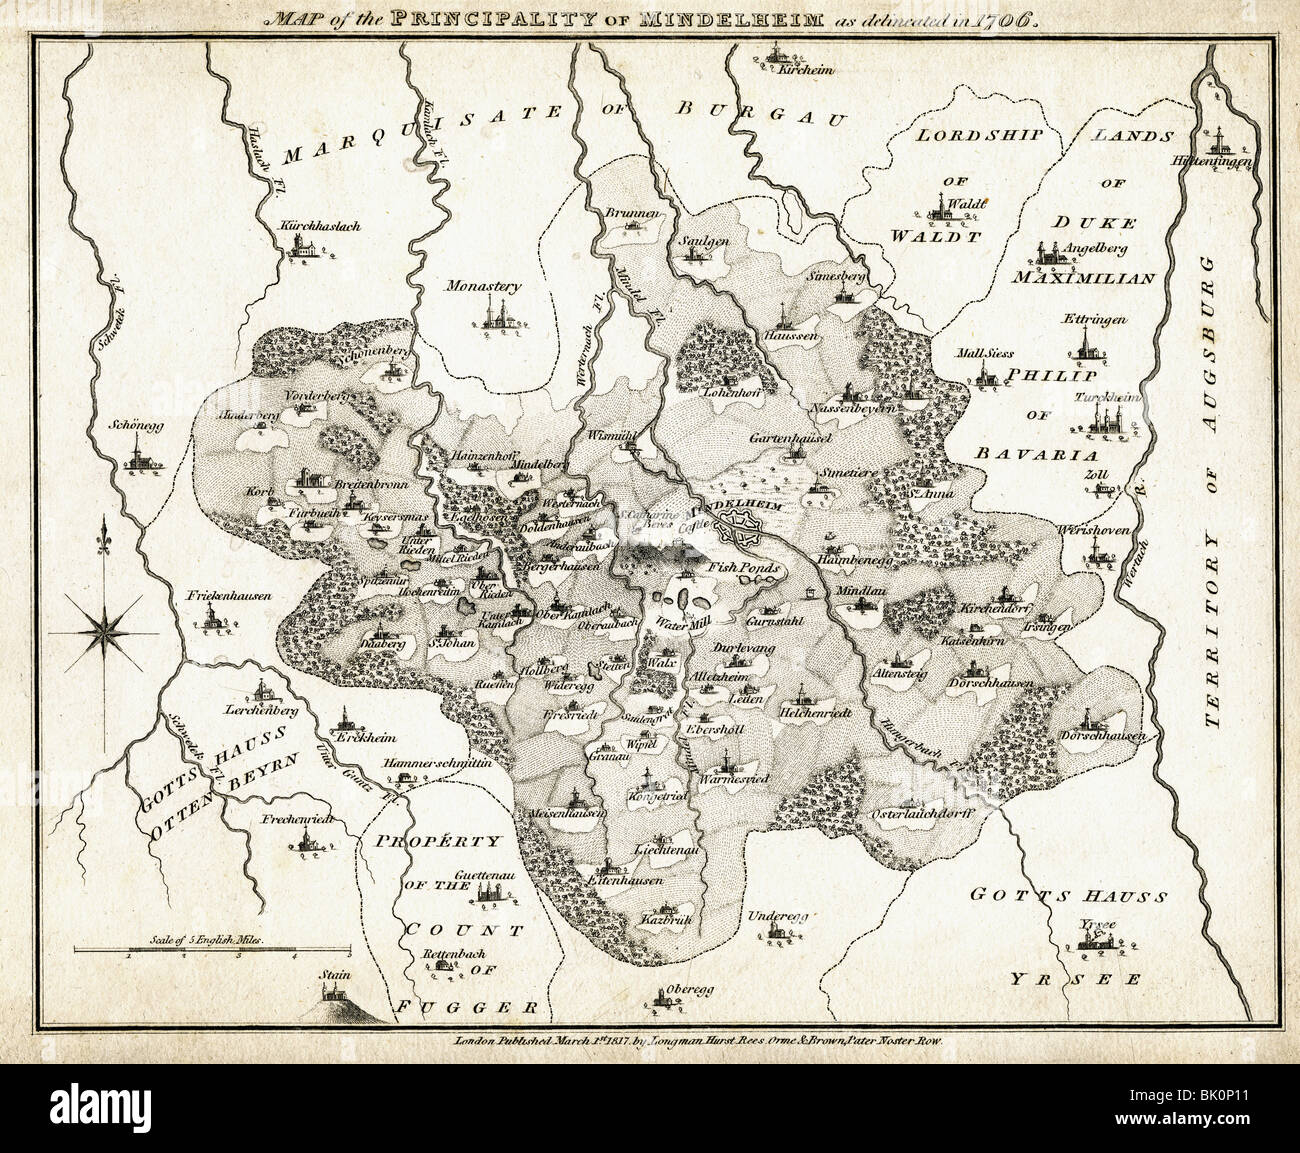 Kartografie Historische Karten Karte Des Furstbistums Mindelheim